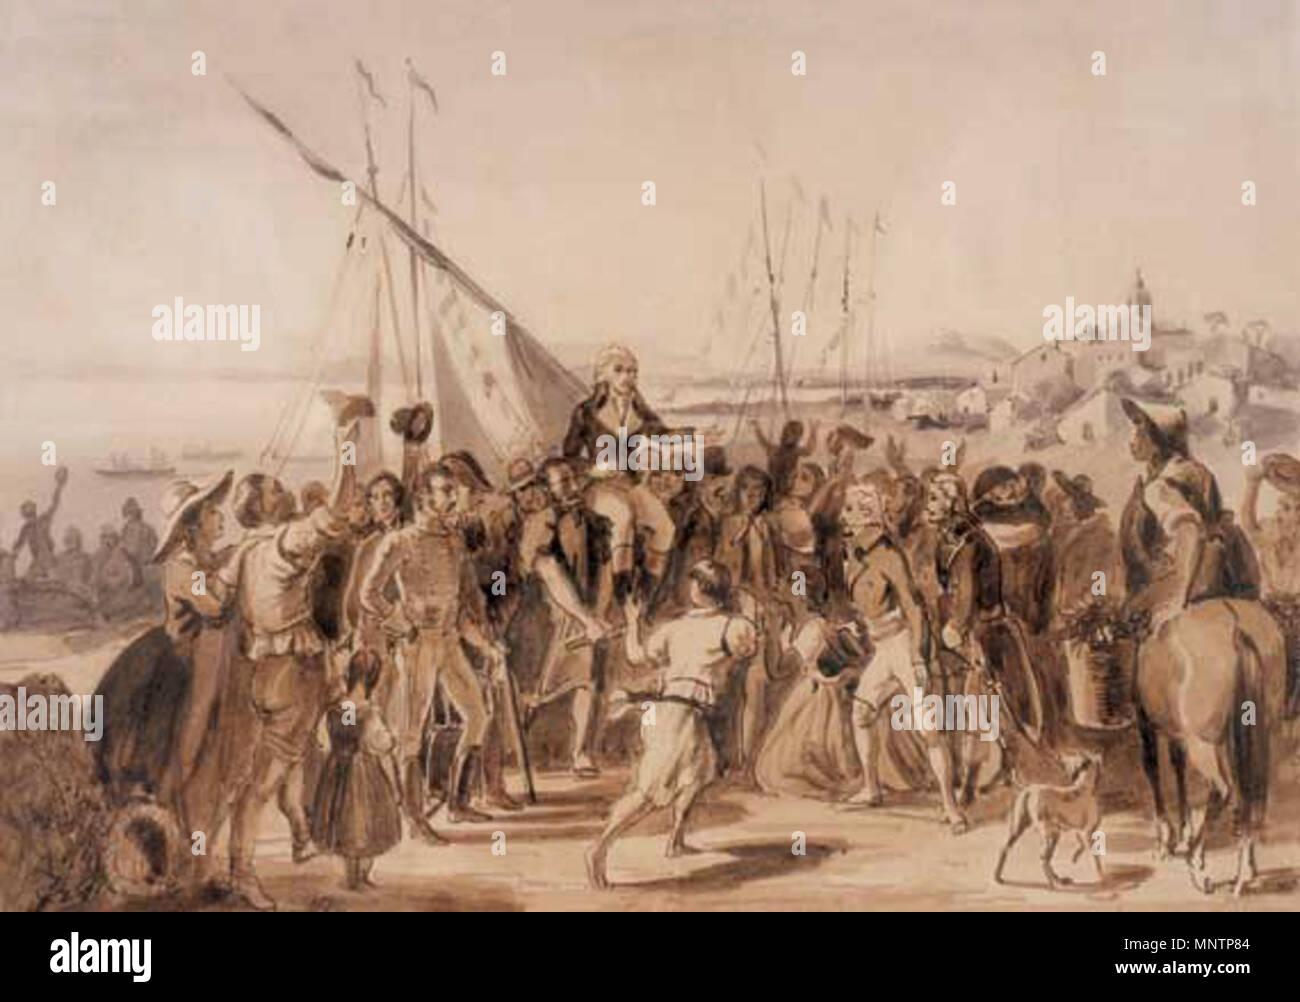 . Español: Francisco de Miranda, en su llegada a La Guaira el 10 de diciembre de 1810, es recibido con entusiasmo por la población, y por Bolívar. Siglo xix. Johann Moritz Rugendas (1802-1858) Descripción el pintor alemán, viajero y escritor Fecha de nacimiento/muerte el 29 de marzo de 1802 el 29 de mayo de 1858 Lugar de nacimiento/muerte Augsburg Weilheim ubicación de trabajo en Alemania, América del Sur : control de autoridad Q652305: 61675197 ISNI VIAF: 0000 0001 0907 6712 ULAN: 500005074 LCCN: N50052066 NLA: 48044412 1044 Recibimiento de WorldCat de Miranda en La Guaira Imagen De Stock